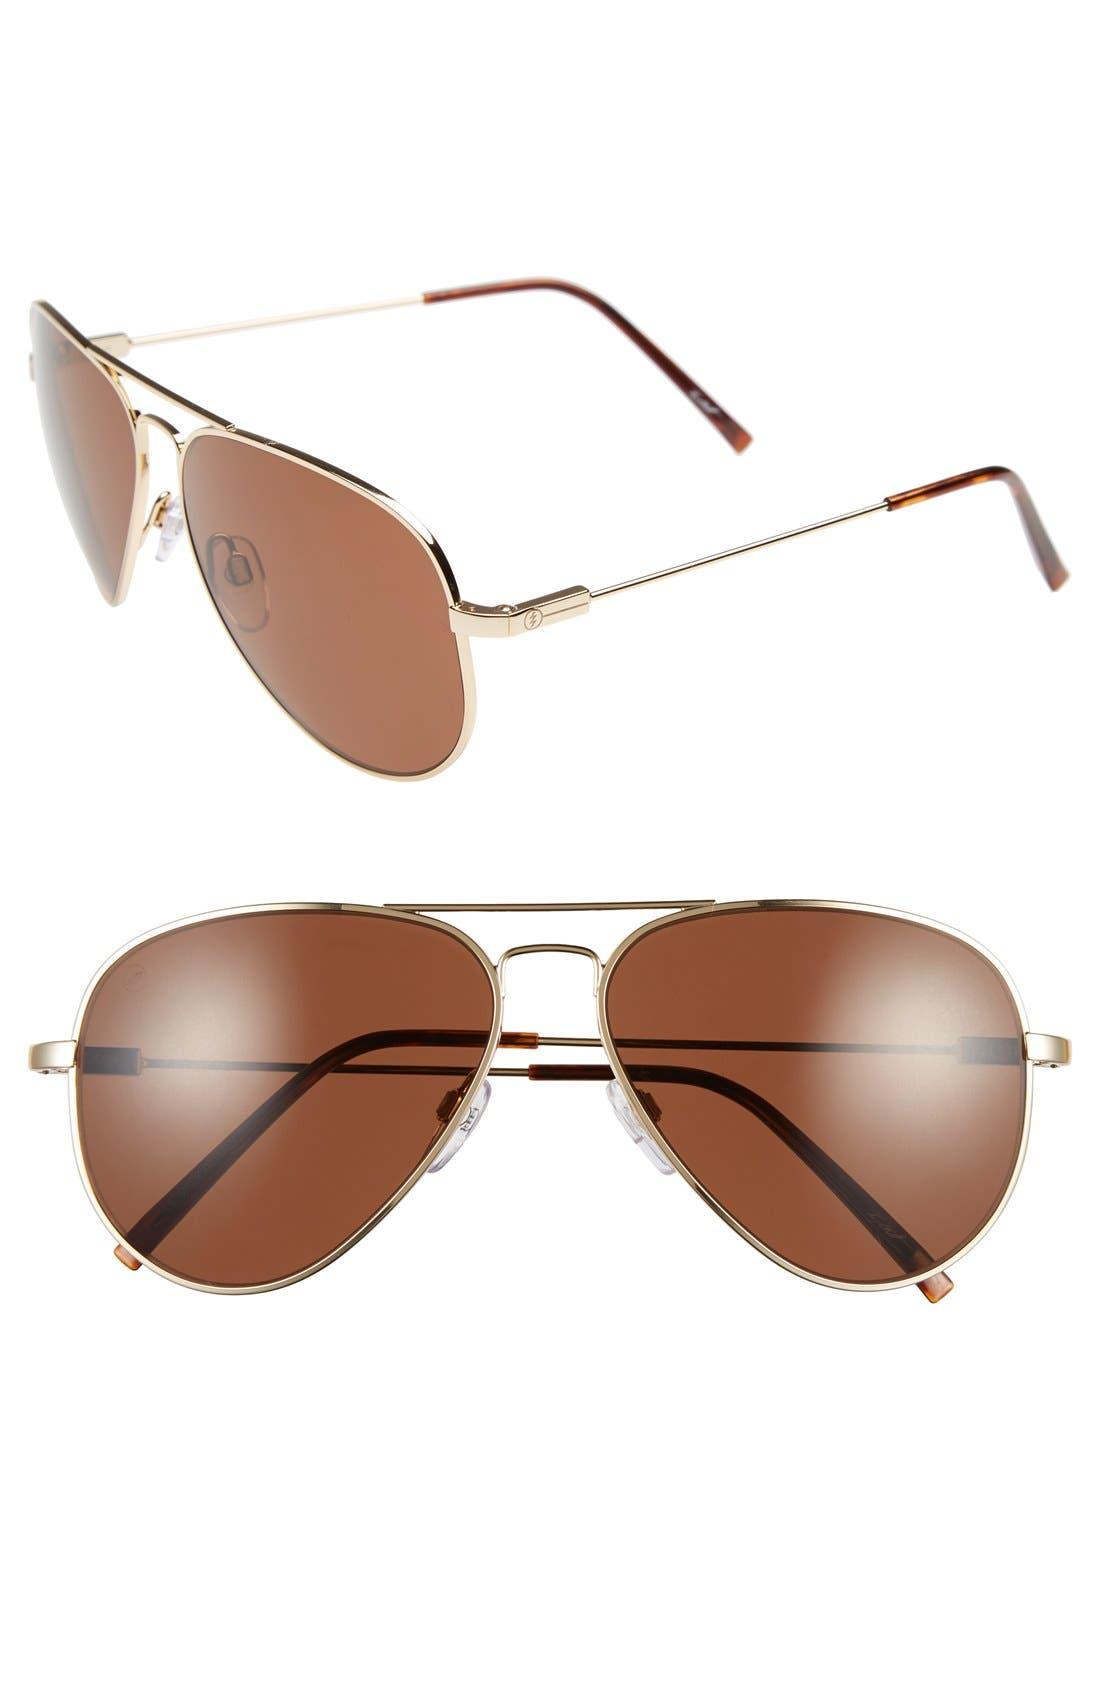 ELECTRIC 'AV1' 58mm Aviator Sunglasses